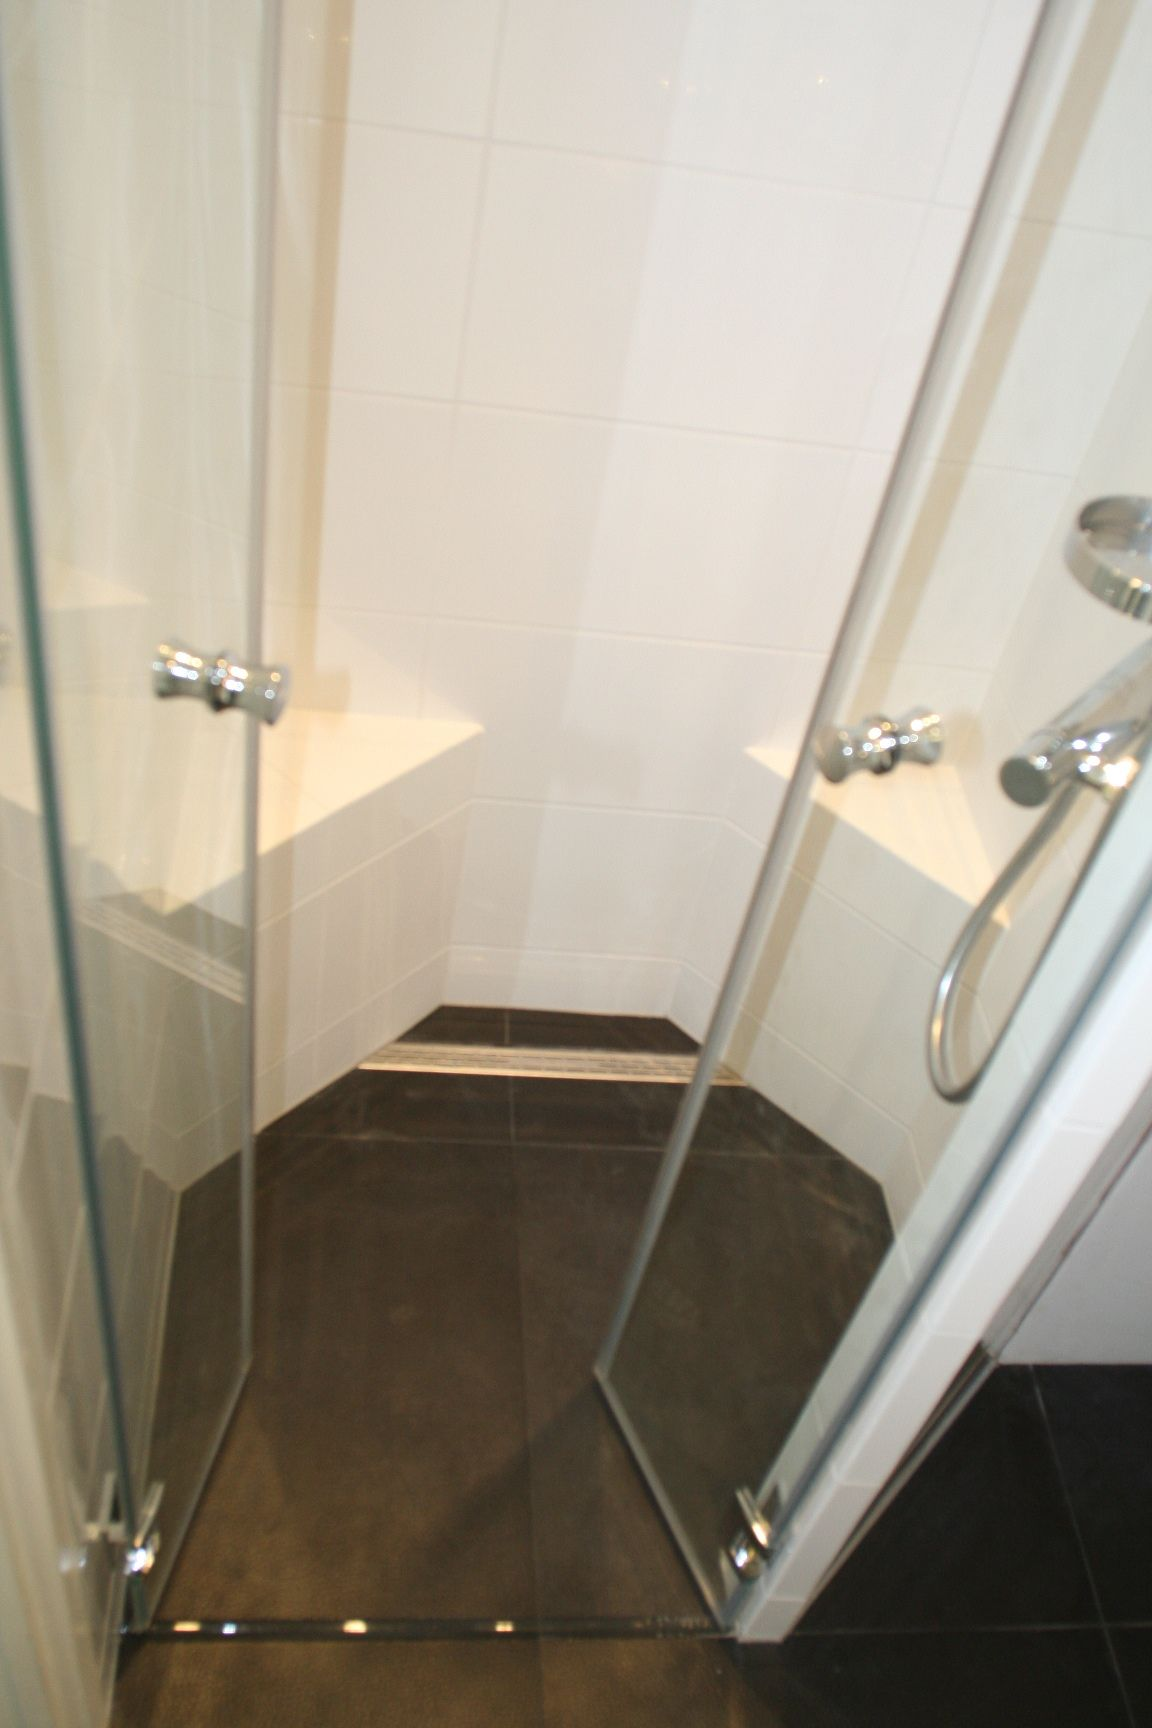 kleine doucheruimte met afstelmogelijkheden voor zeep en shampoo